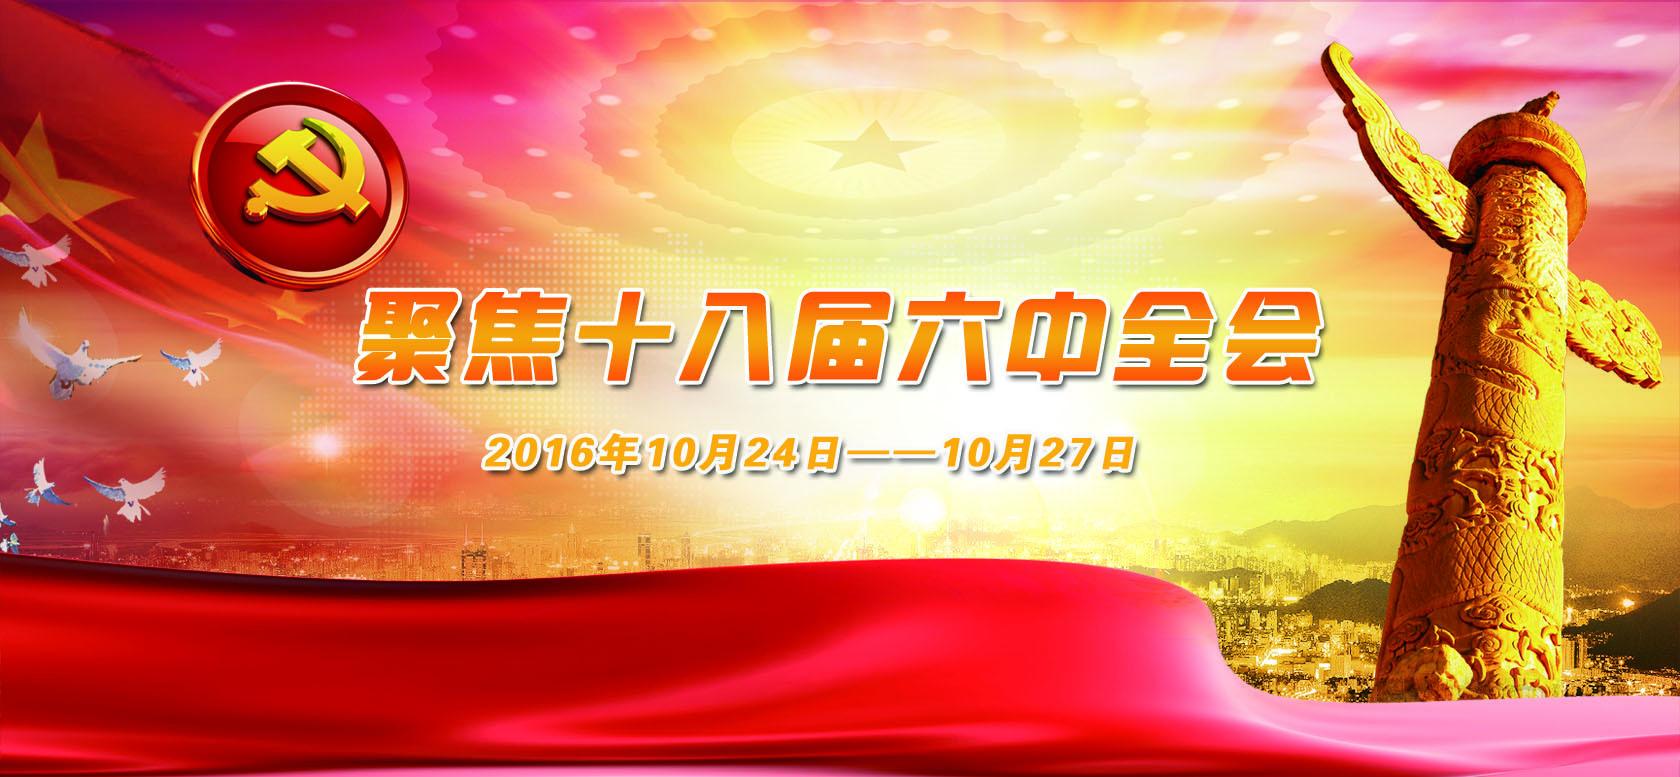 十八次三中全会内容_中国共产党第十八届中央委员会第六次全体会议_360百科